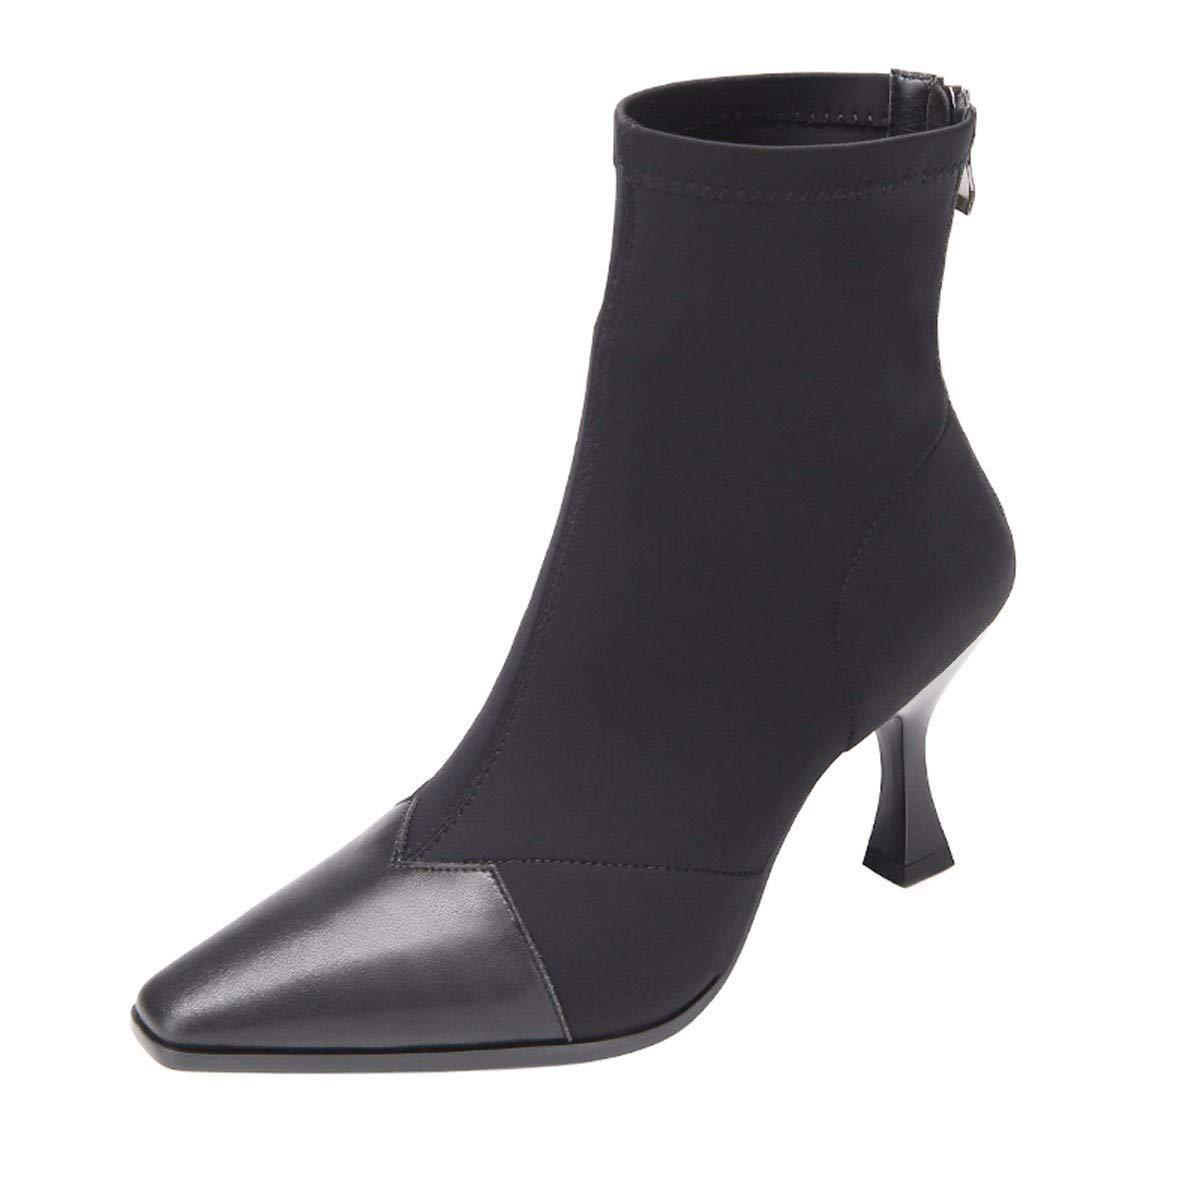 LBTSQ Damenschuhe Elastisch Mit Hohen 8 cm Kurze Stiefel Farbabstimmung Gut Verfolgen Ma Dingxue